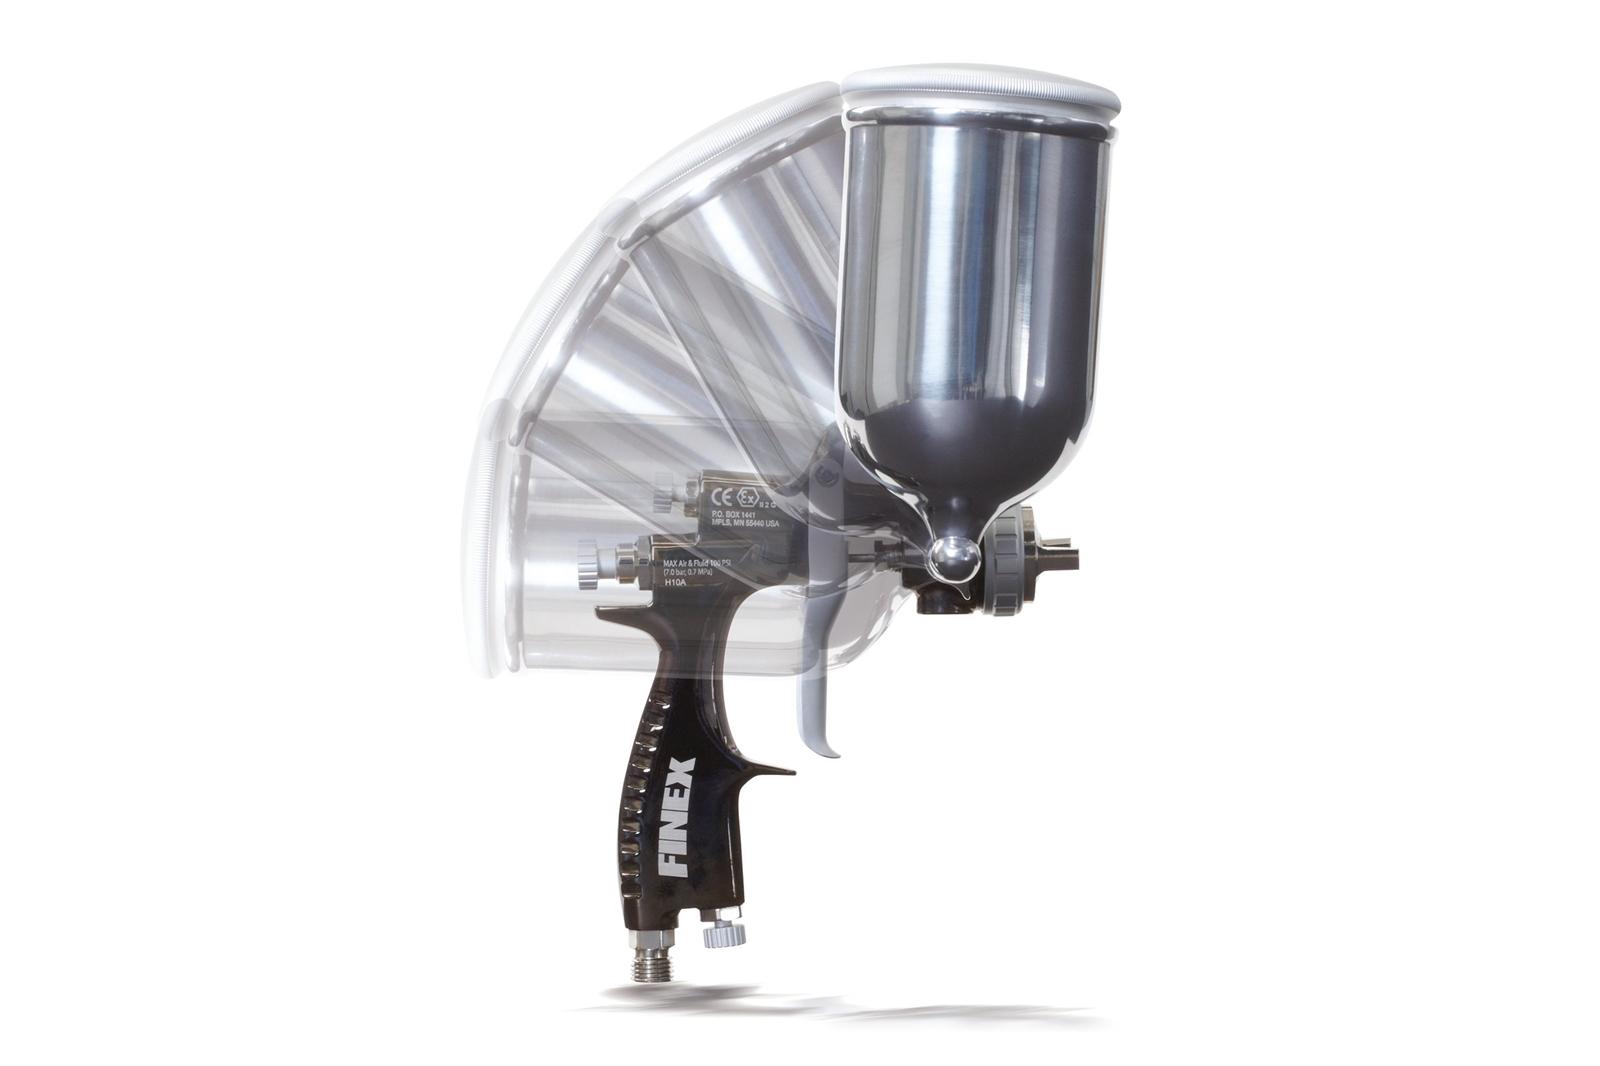 Graco Finex 2 HVLP Gun 289238